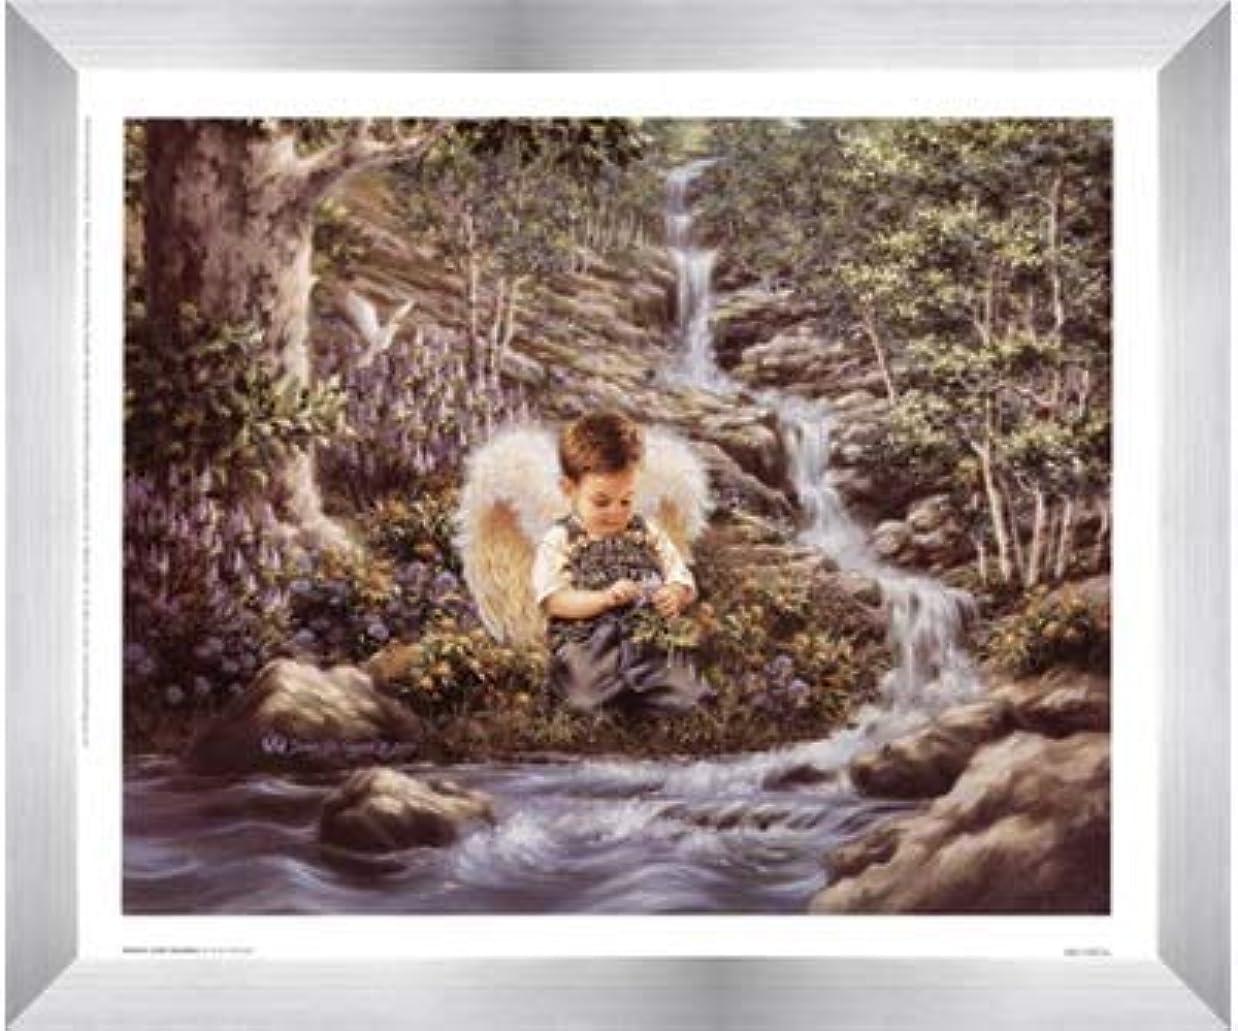 パンダパンダボウリングNature 's Little Guardian By Dona Gelsinger – 12 x 10インチ – アートプリントポスター LE_474489-F9935-12x10